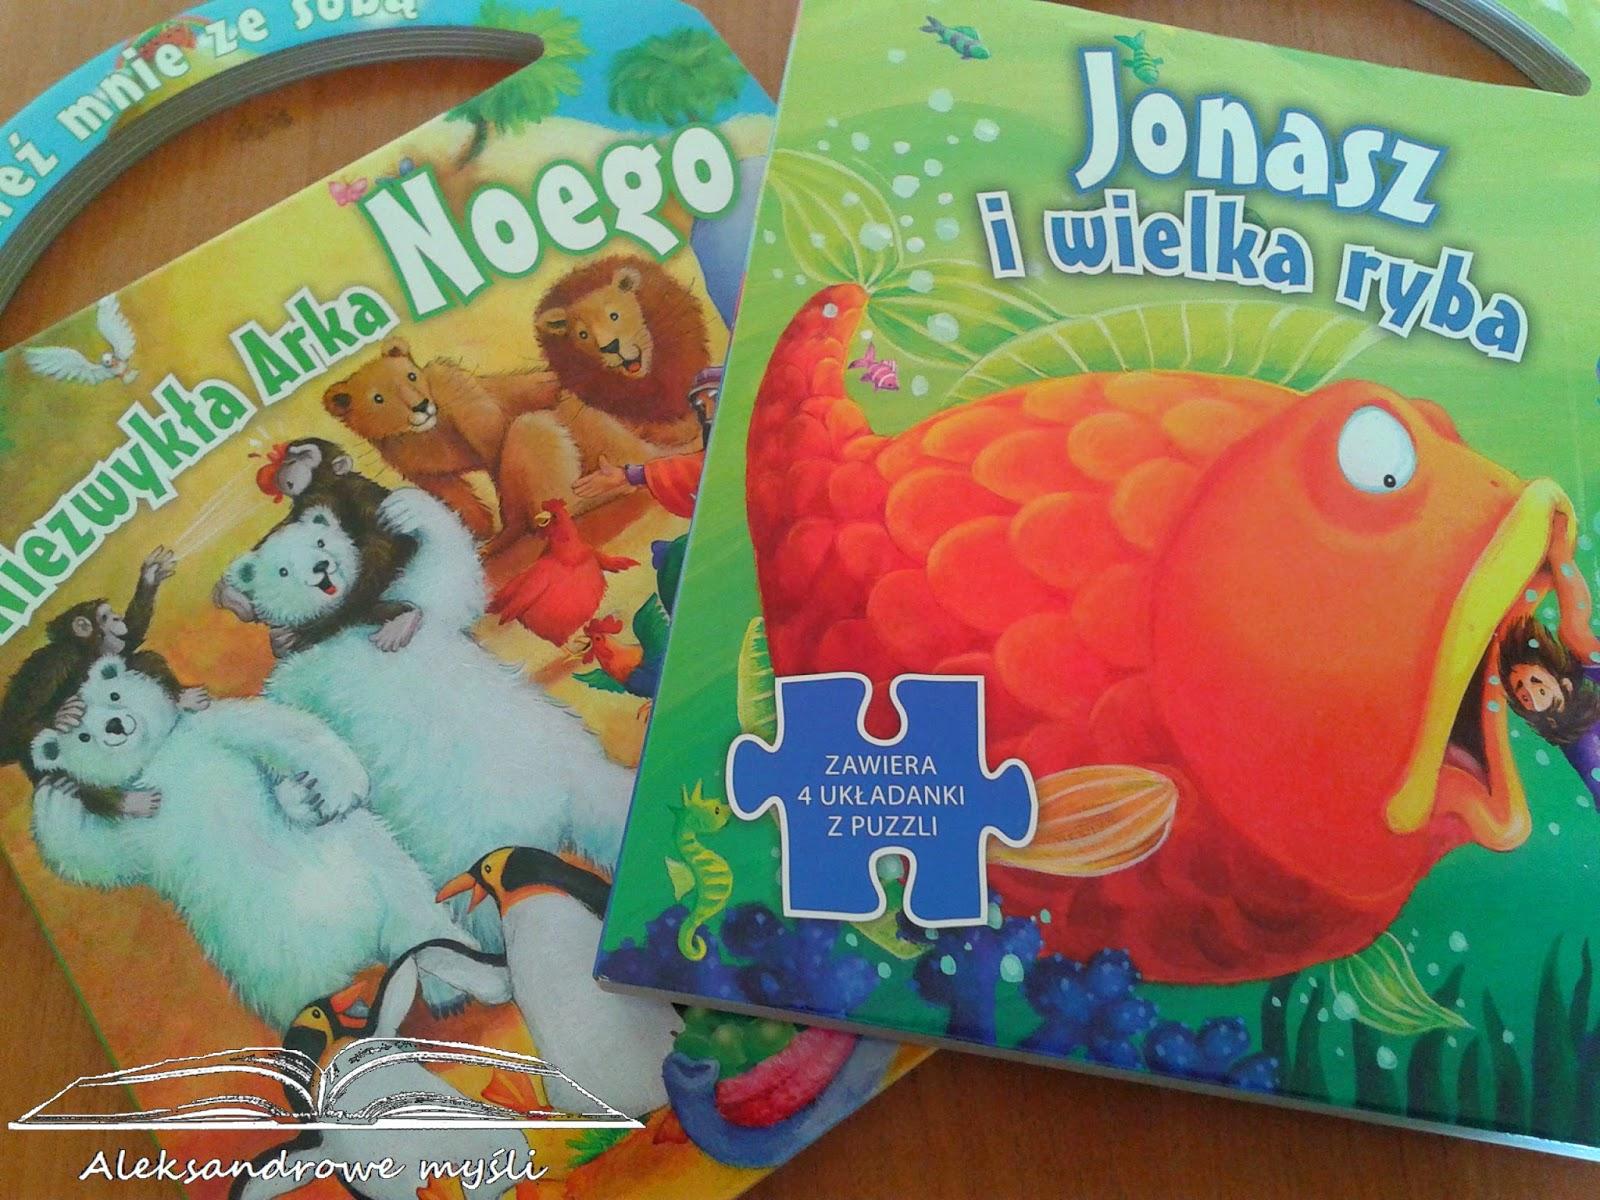 http://aleksandrowemysli.blogspot.com/2014/10/przypowiesci-biblijne-dla-dzieci.html